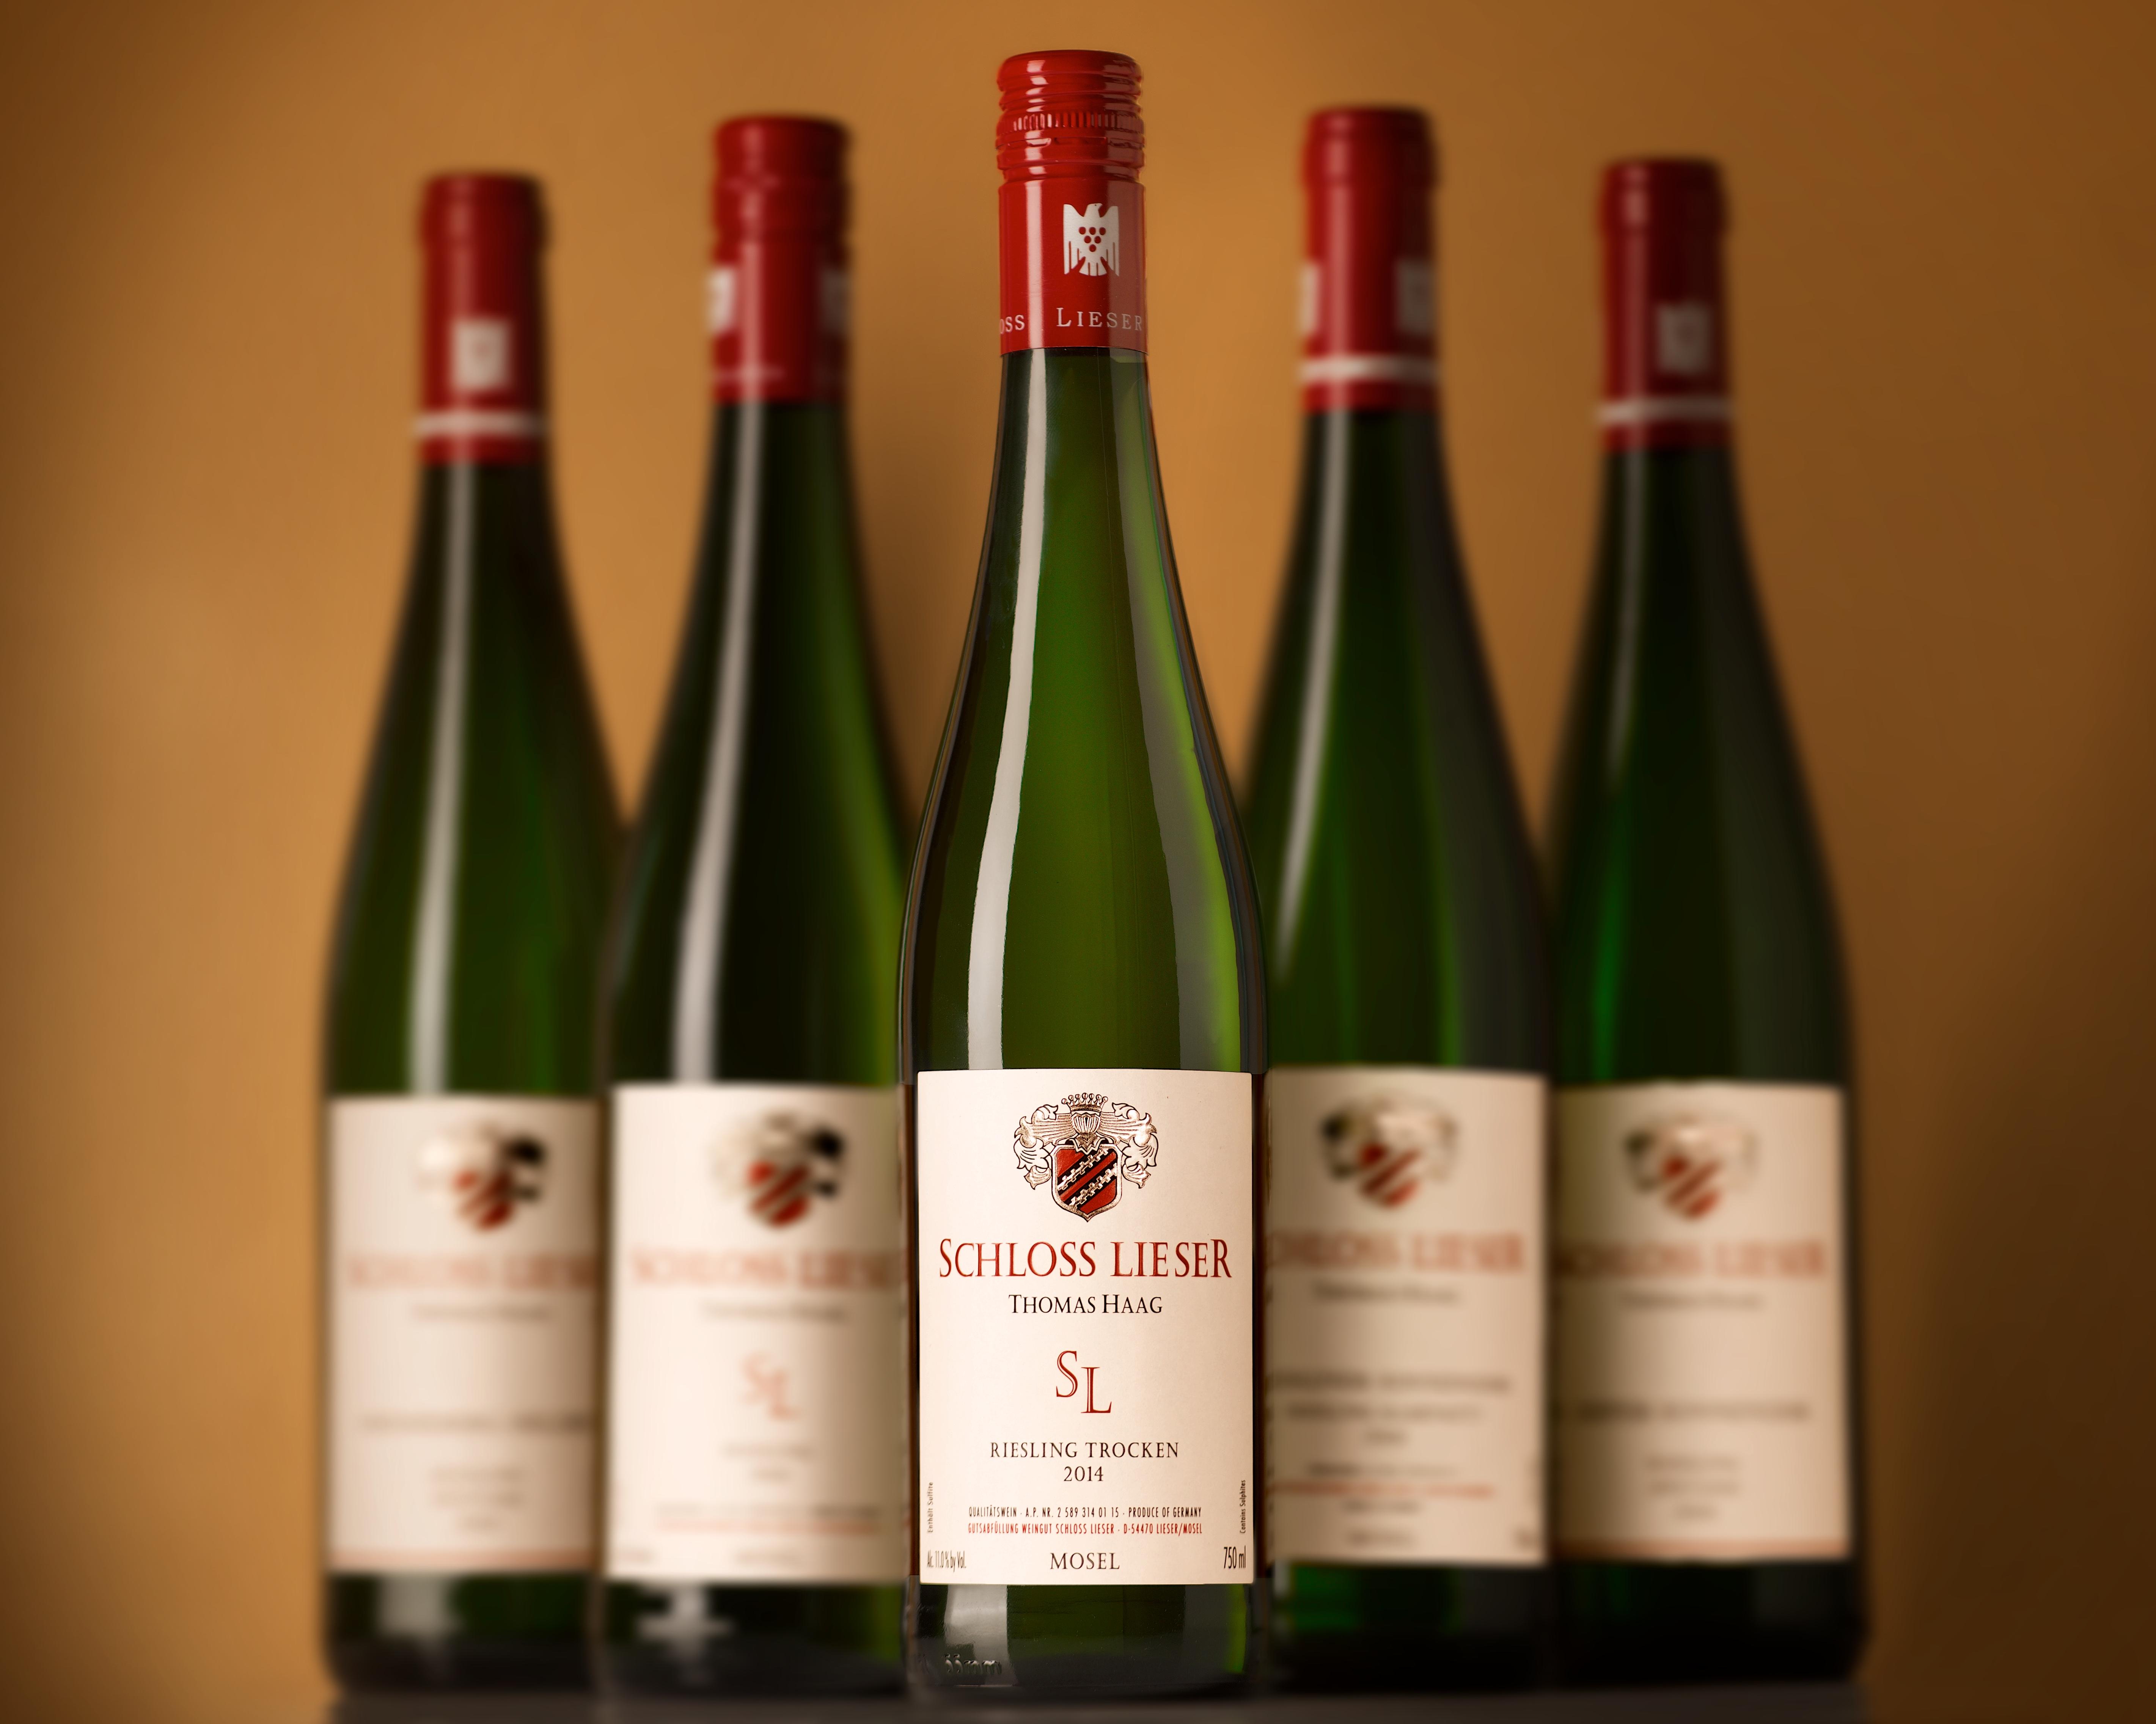 Flaschen-Foto für die Werbung von Weingut Schloss Lieser